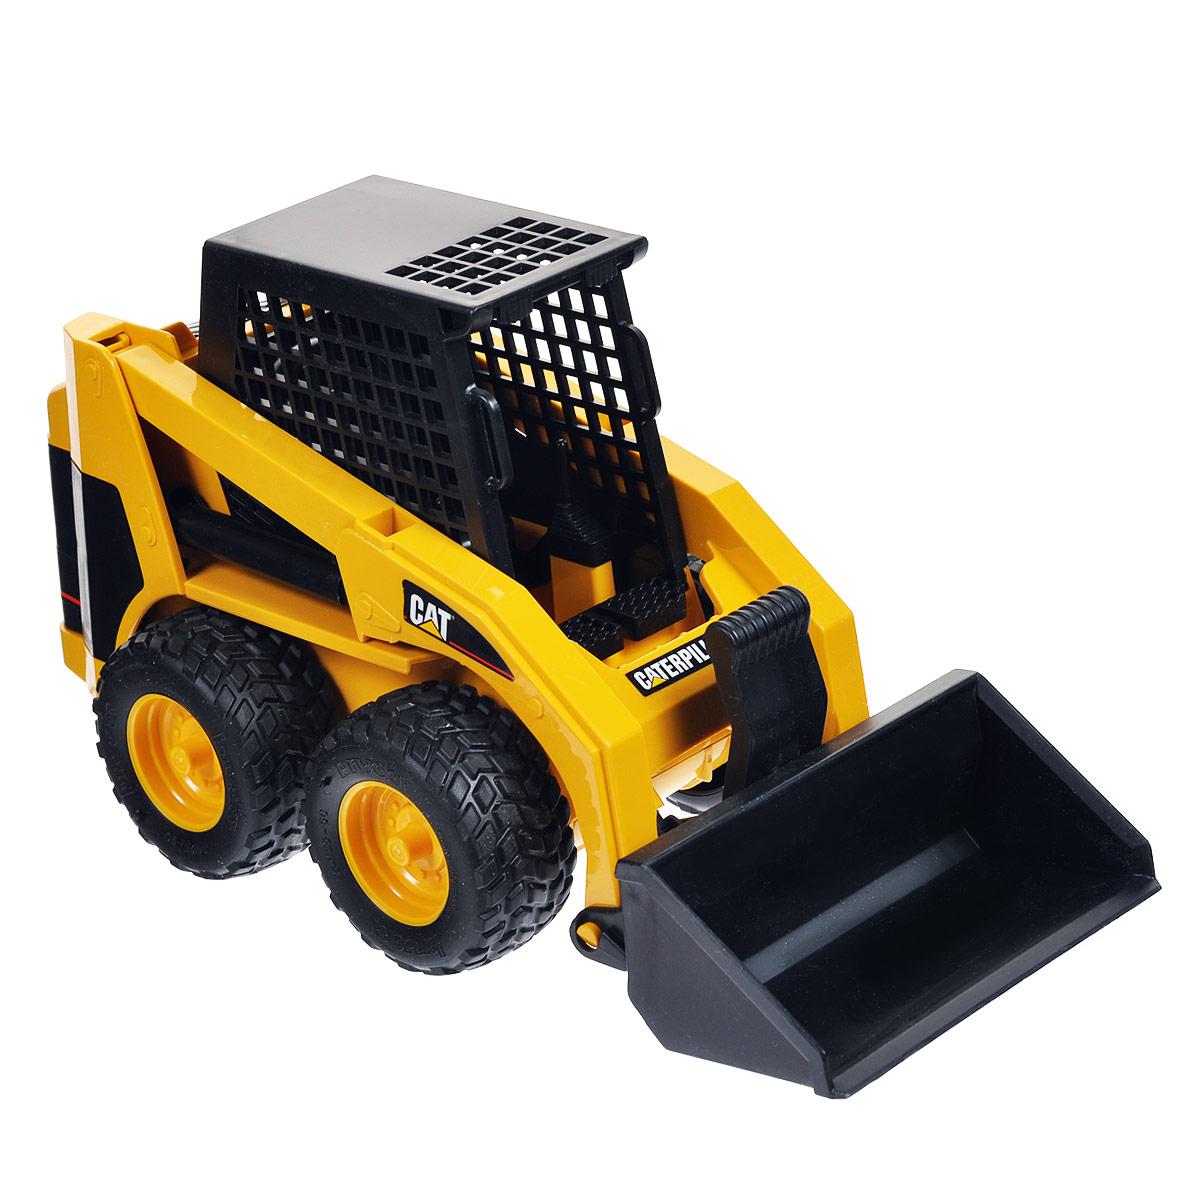 """Колесный мини-погрузчик Bruder """"Cat"""", выполненный из прочного материала, отлично подойдет ребенку для различных игр. Машина является уменьшенной копией экскаватора-погрузчика фирмы Cat. Мини-погрузчик часто используется для уборки улиц. Ковш регулируется по высоте и меняет угол наклона. Есть возможность заменить ковш на другие аксессуары (не входят в комплект). Колеса машины прорезинены, что обеспечивает ему дополнительную устойчивость и хорошее сцепление с дорогой. С этим реалистично выполненным погрузчиком ваш малыш часами будет занят игрой."""